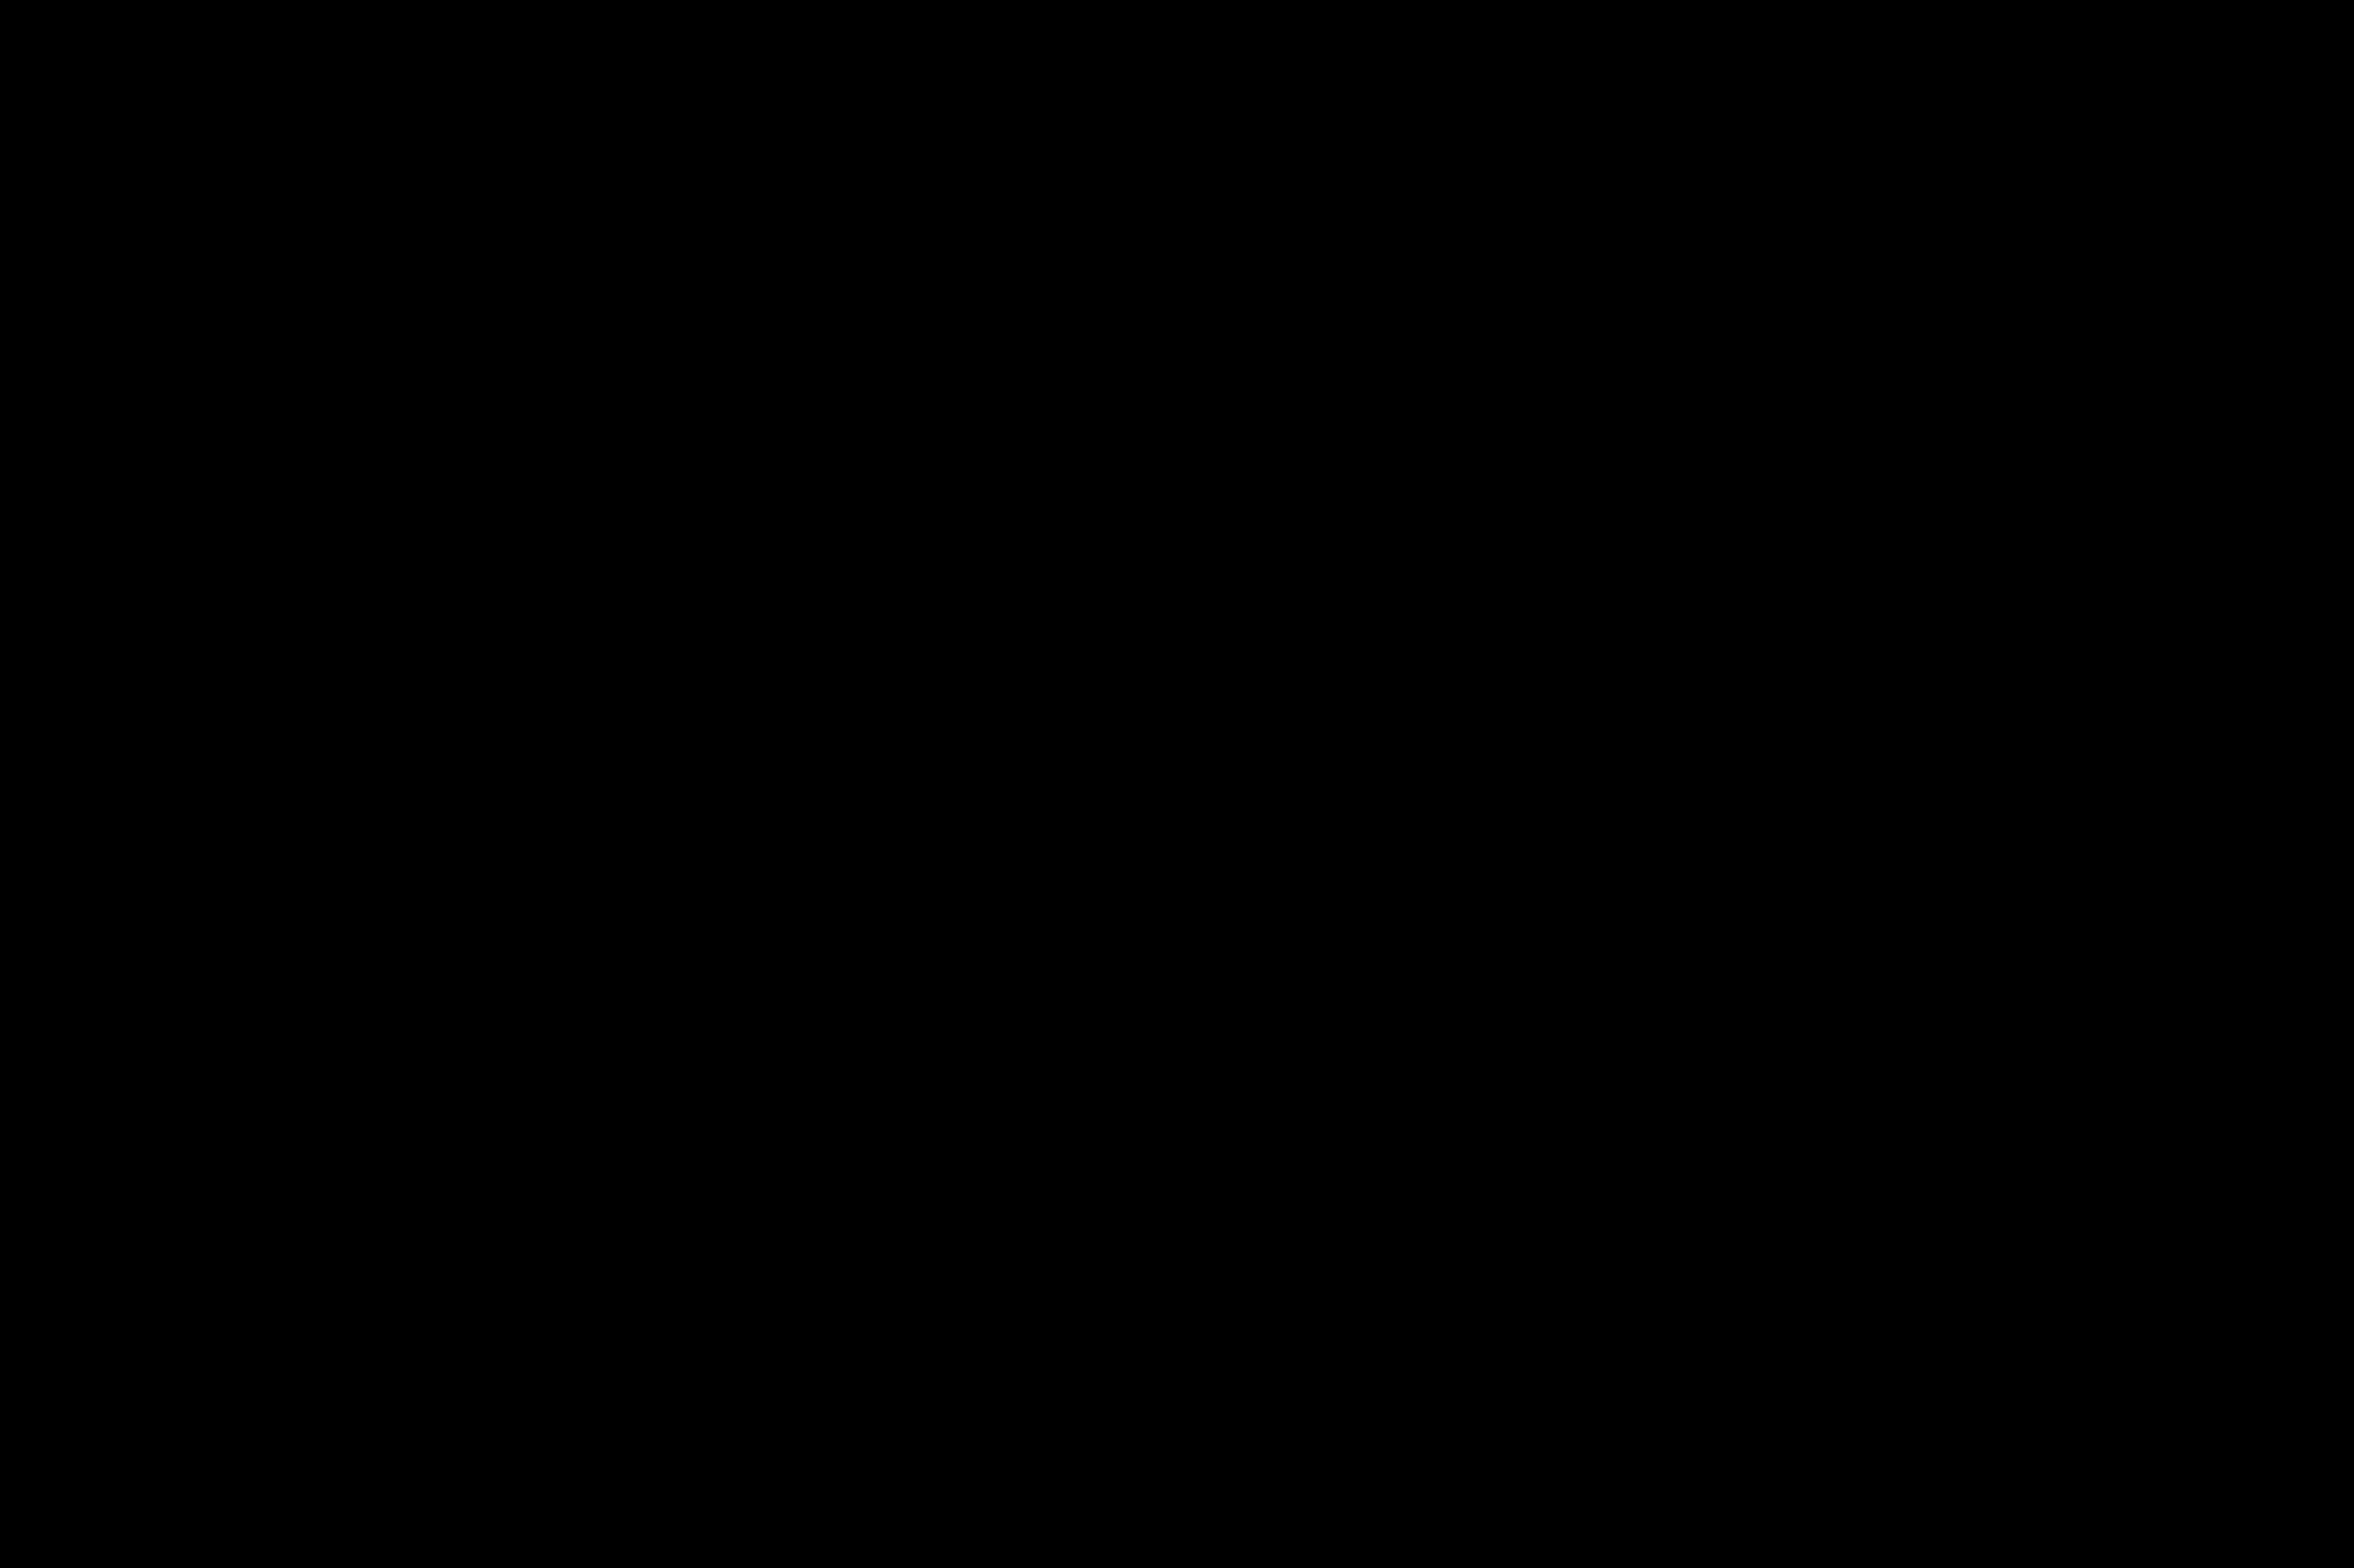 V177 Mercedes-Benz A-Class Sedan finally unveiled Image #842899